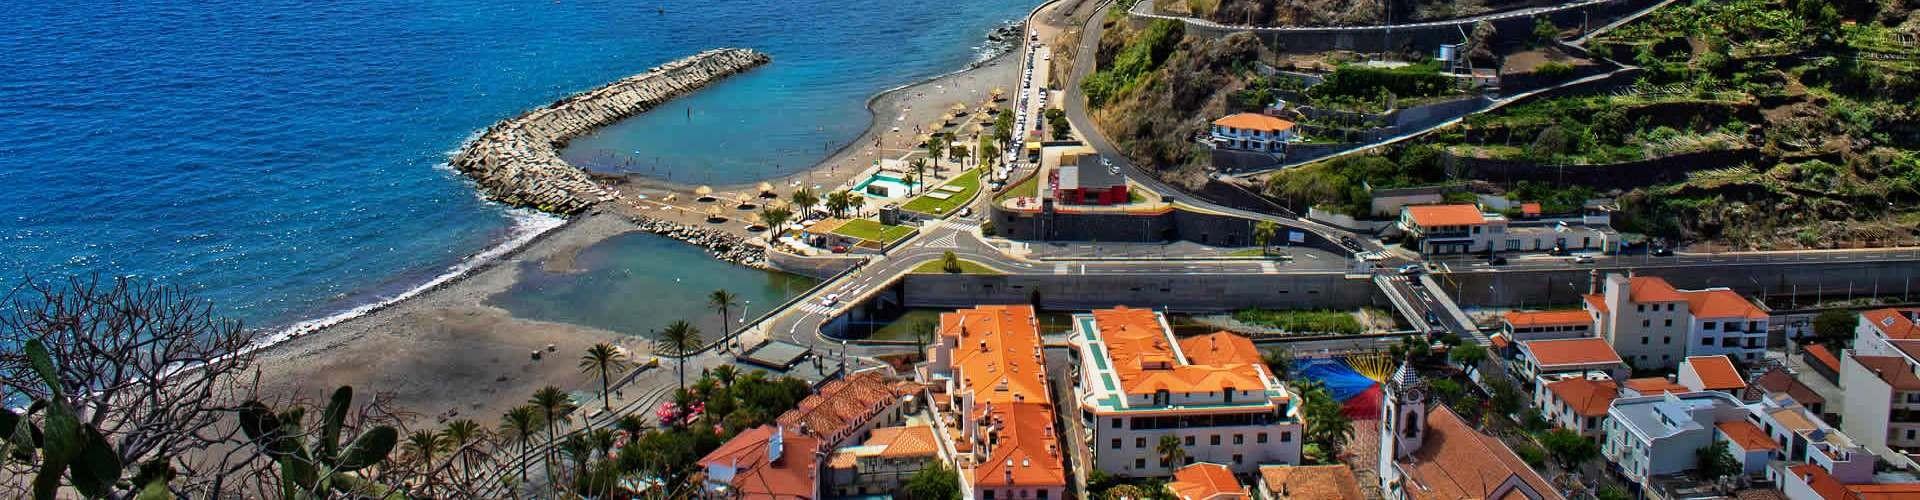 Municipio da Ribeira Brava na Ilha da Madeira